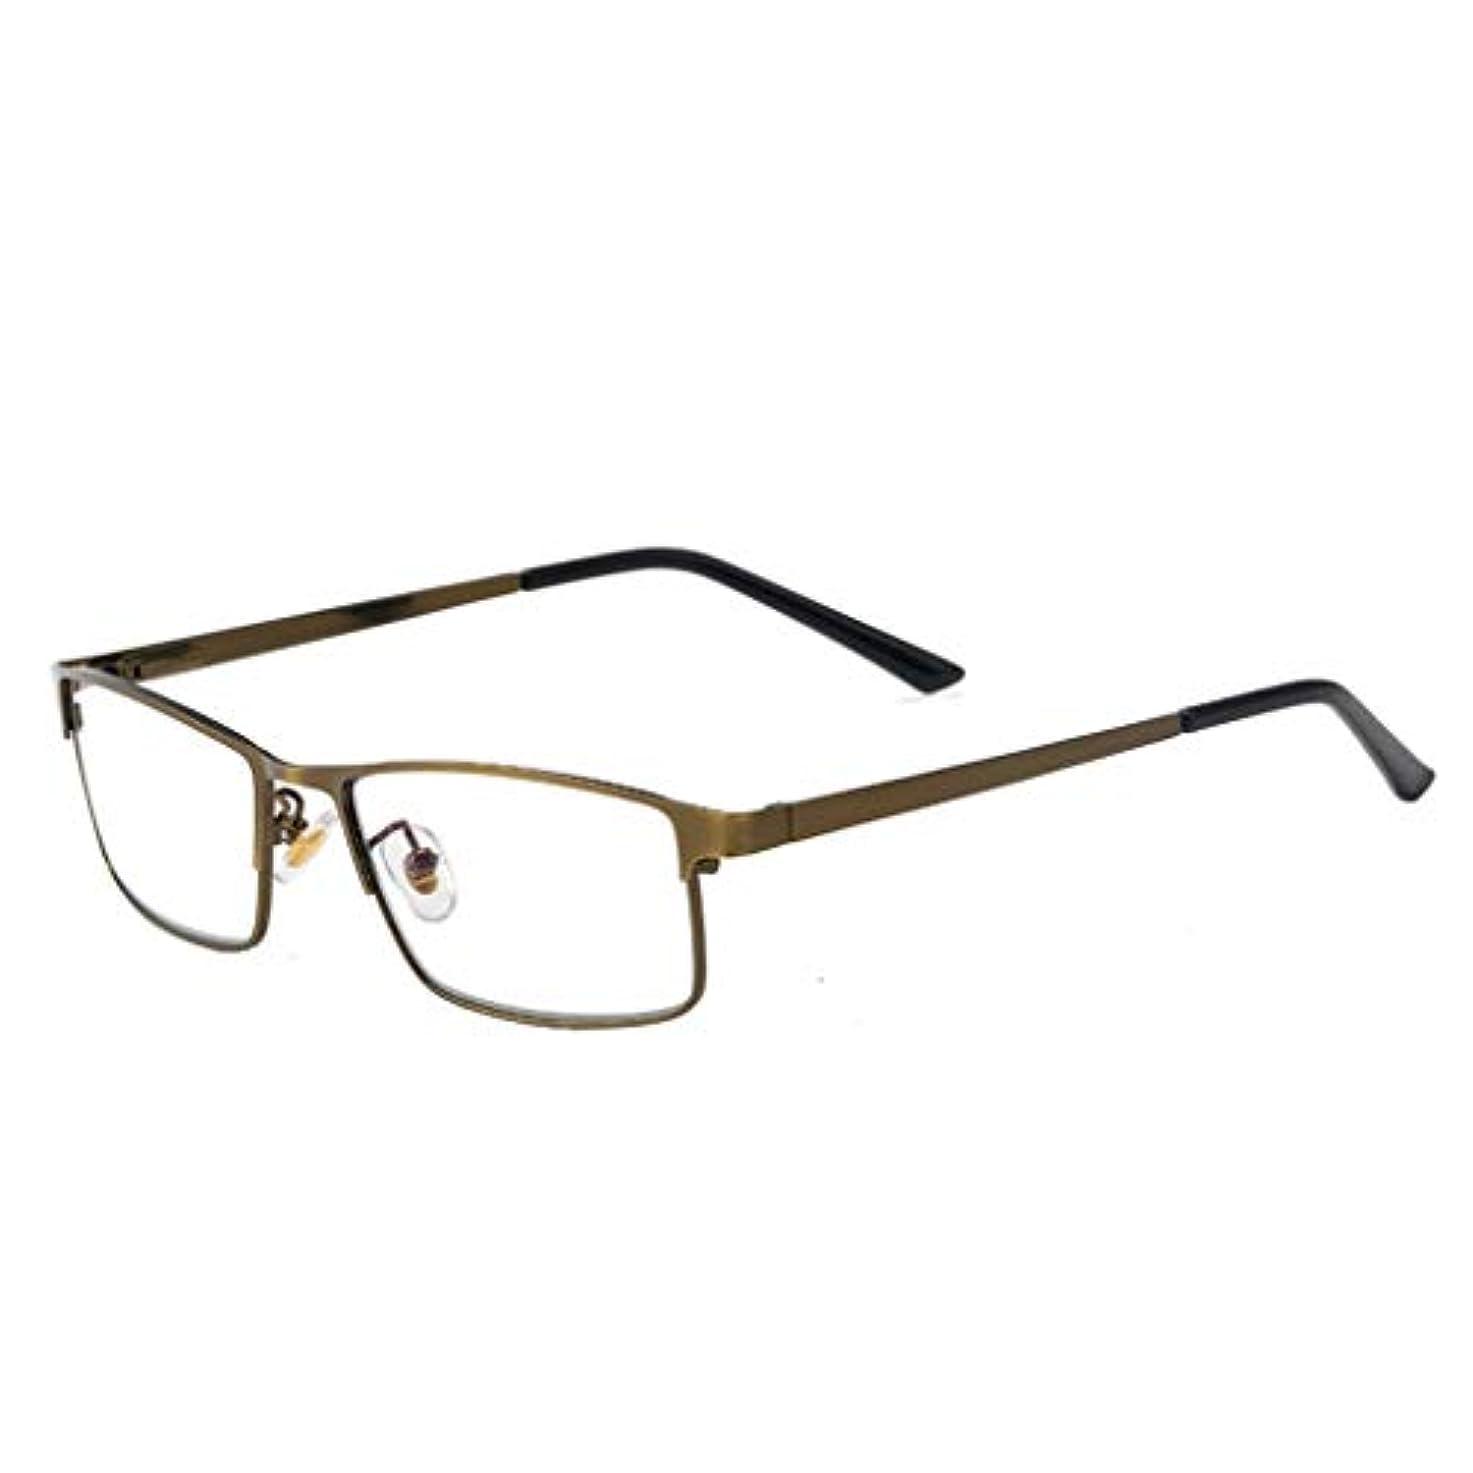 レコーダー成長する悪化させる老眼鏡軽量アンチ眼精疲労UVフィルターレンズ軽量フレーム眼鏡、スプリングアームリーダーユニセックス男性/女性